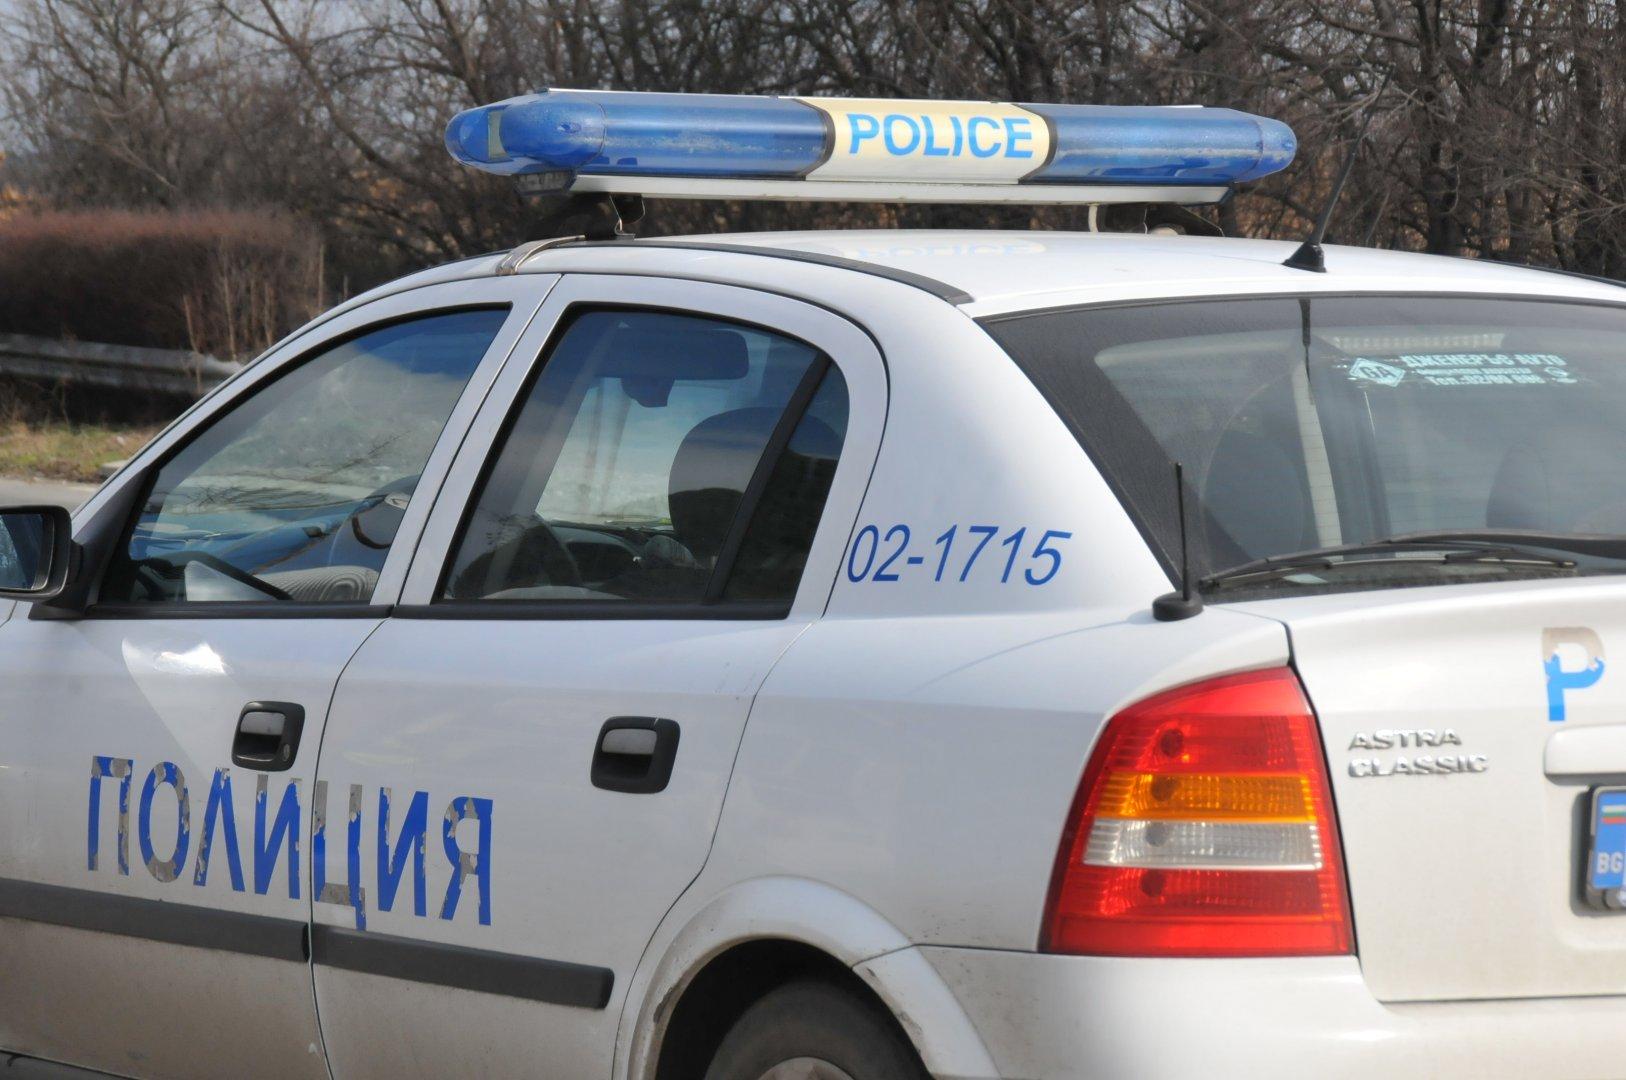 Работата по случая продължава от служители на Районно управление - Айтос. Снимка Архив Черноморие-бг